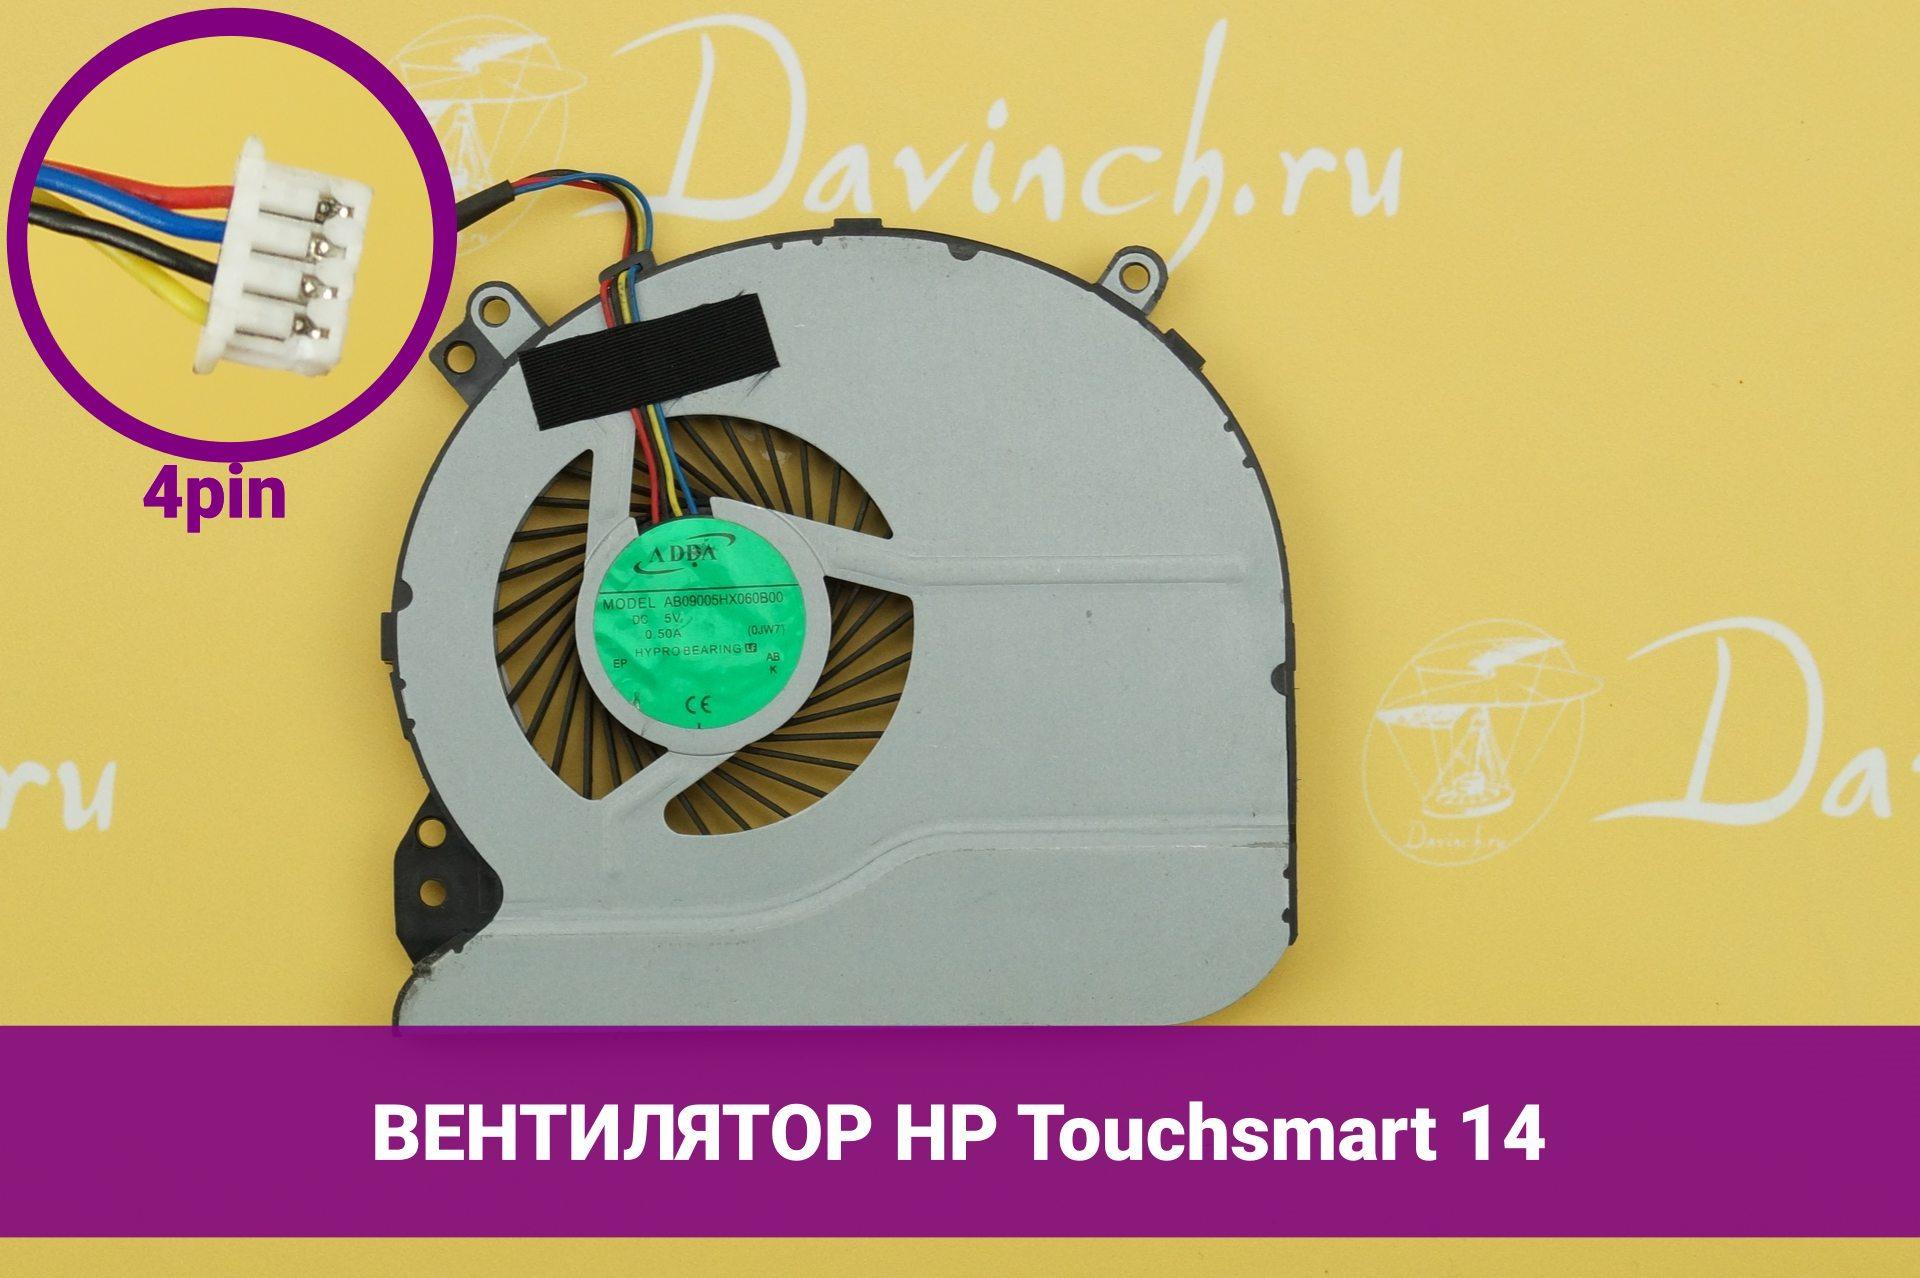 Вентилятор для ноутбука HP Touchsmart 14